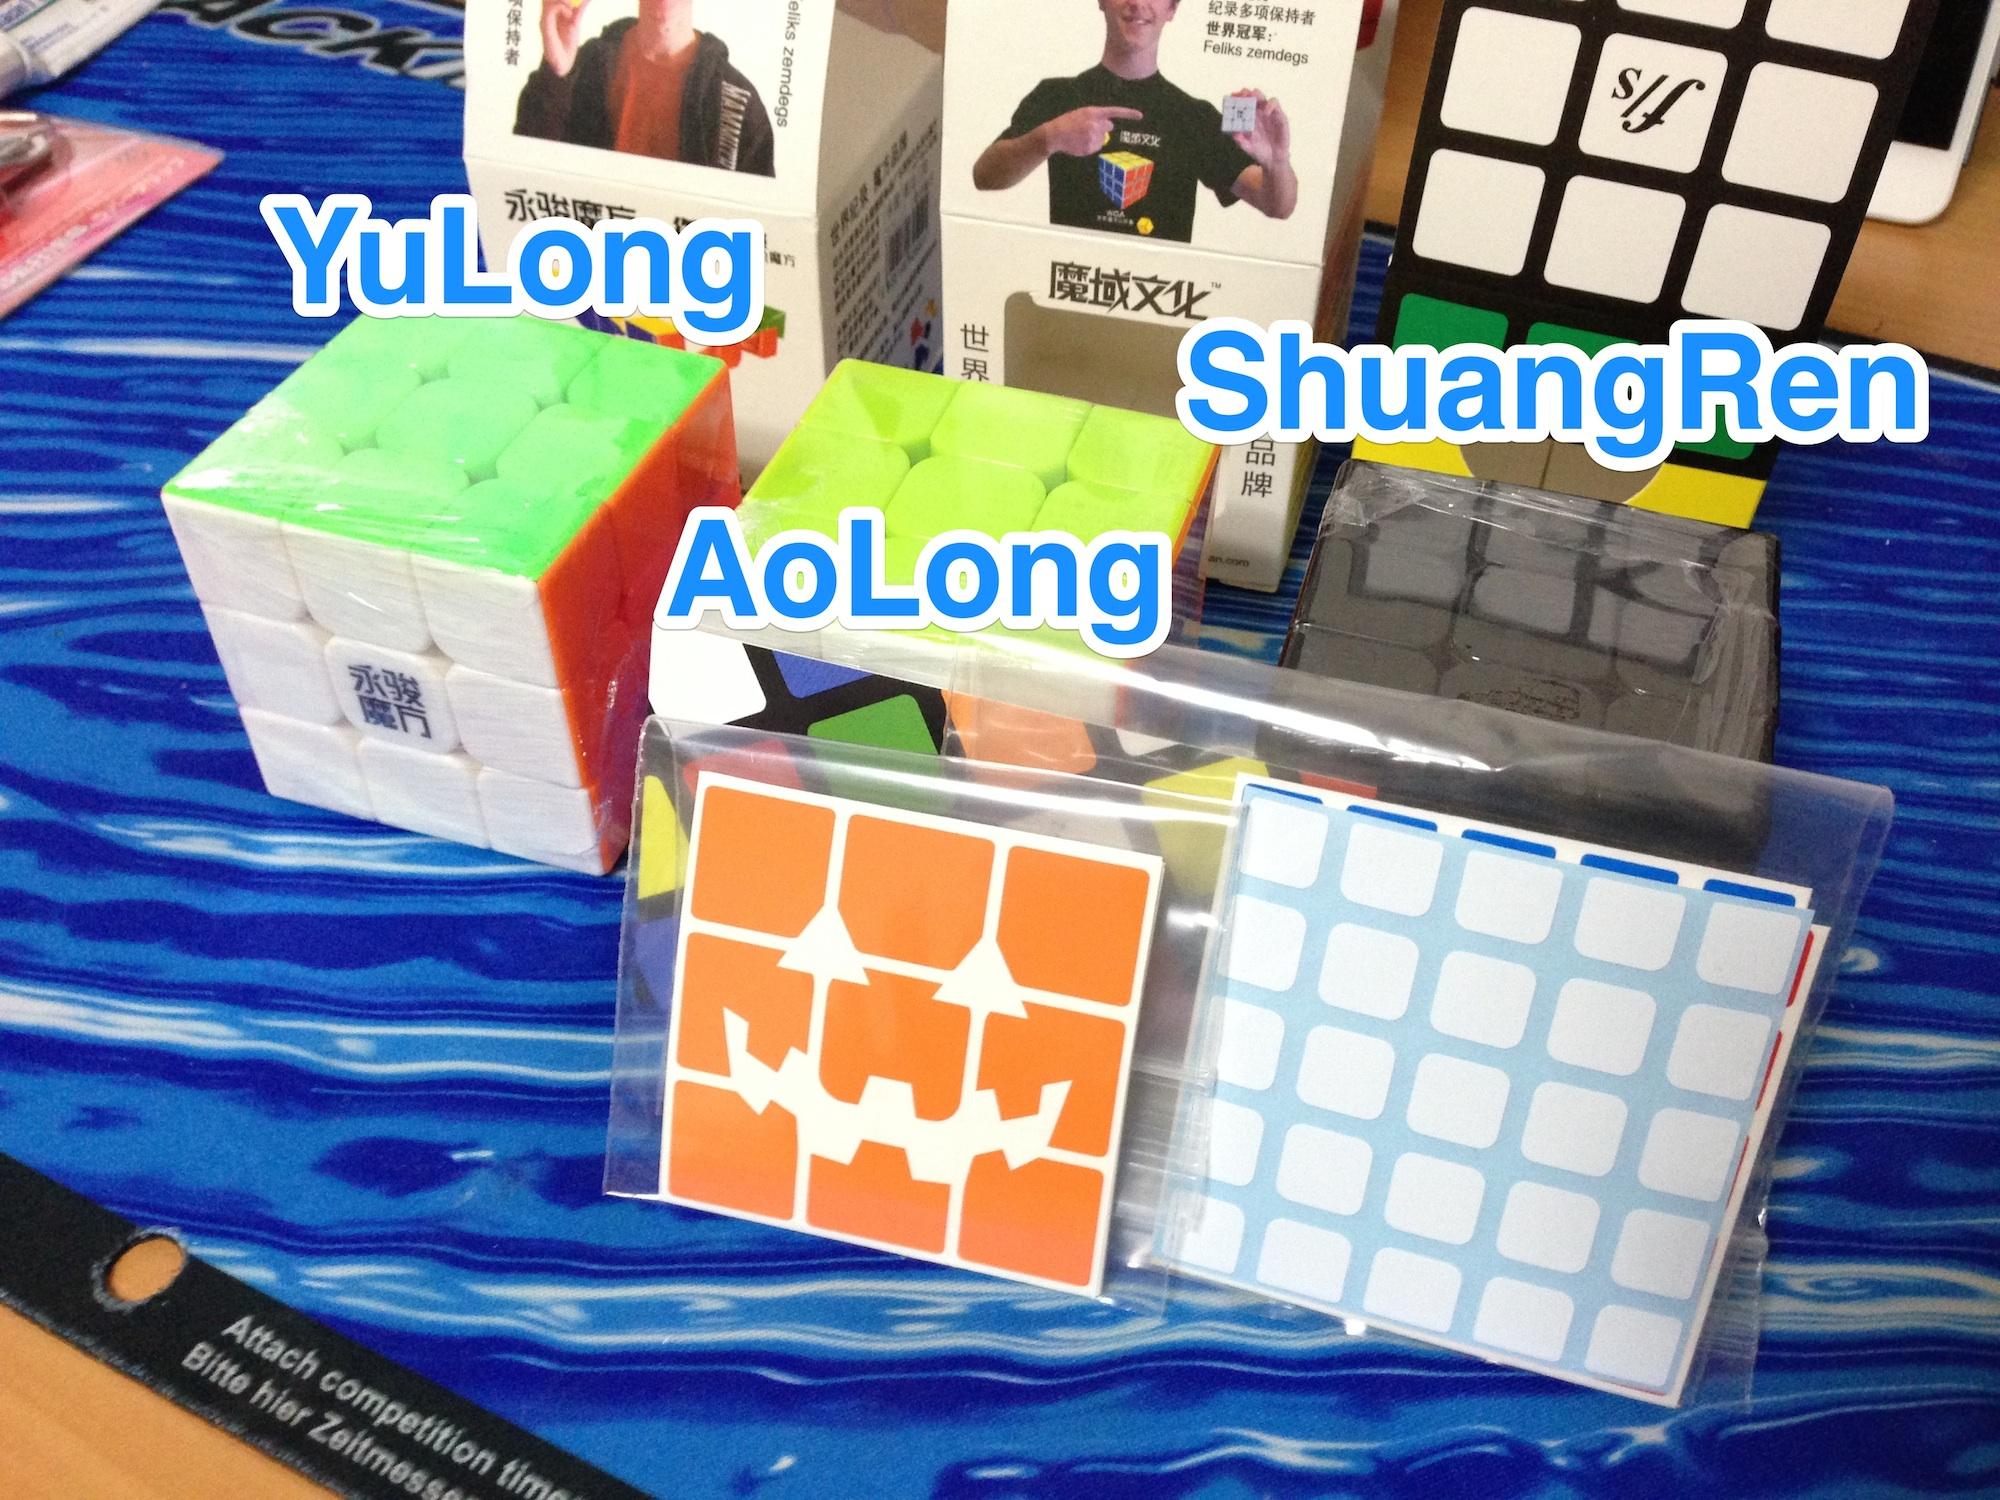 YuLong AoLong ShuangRen